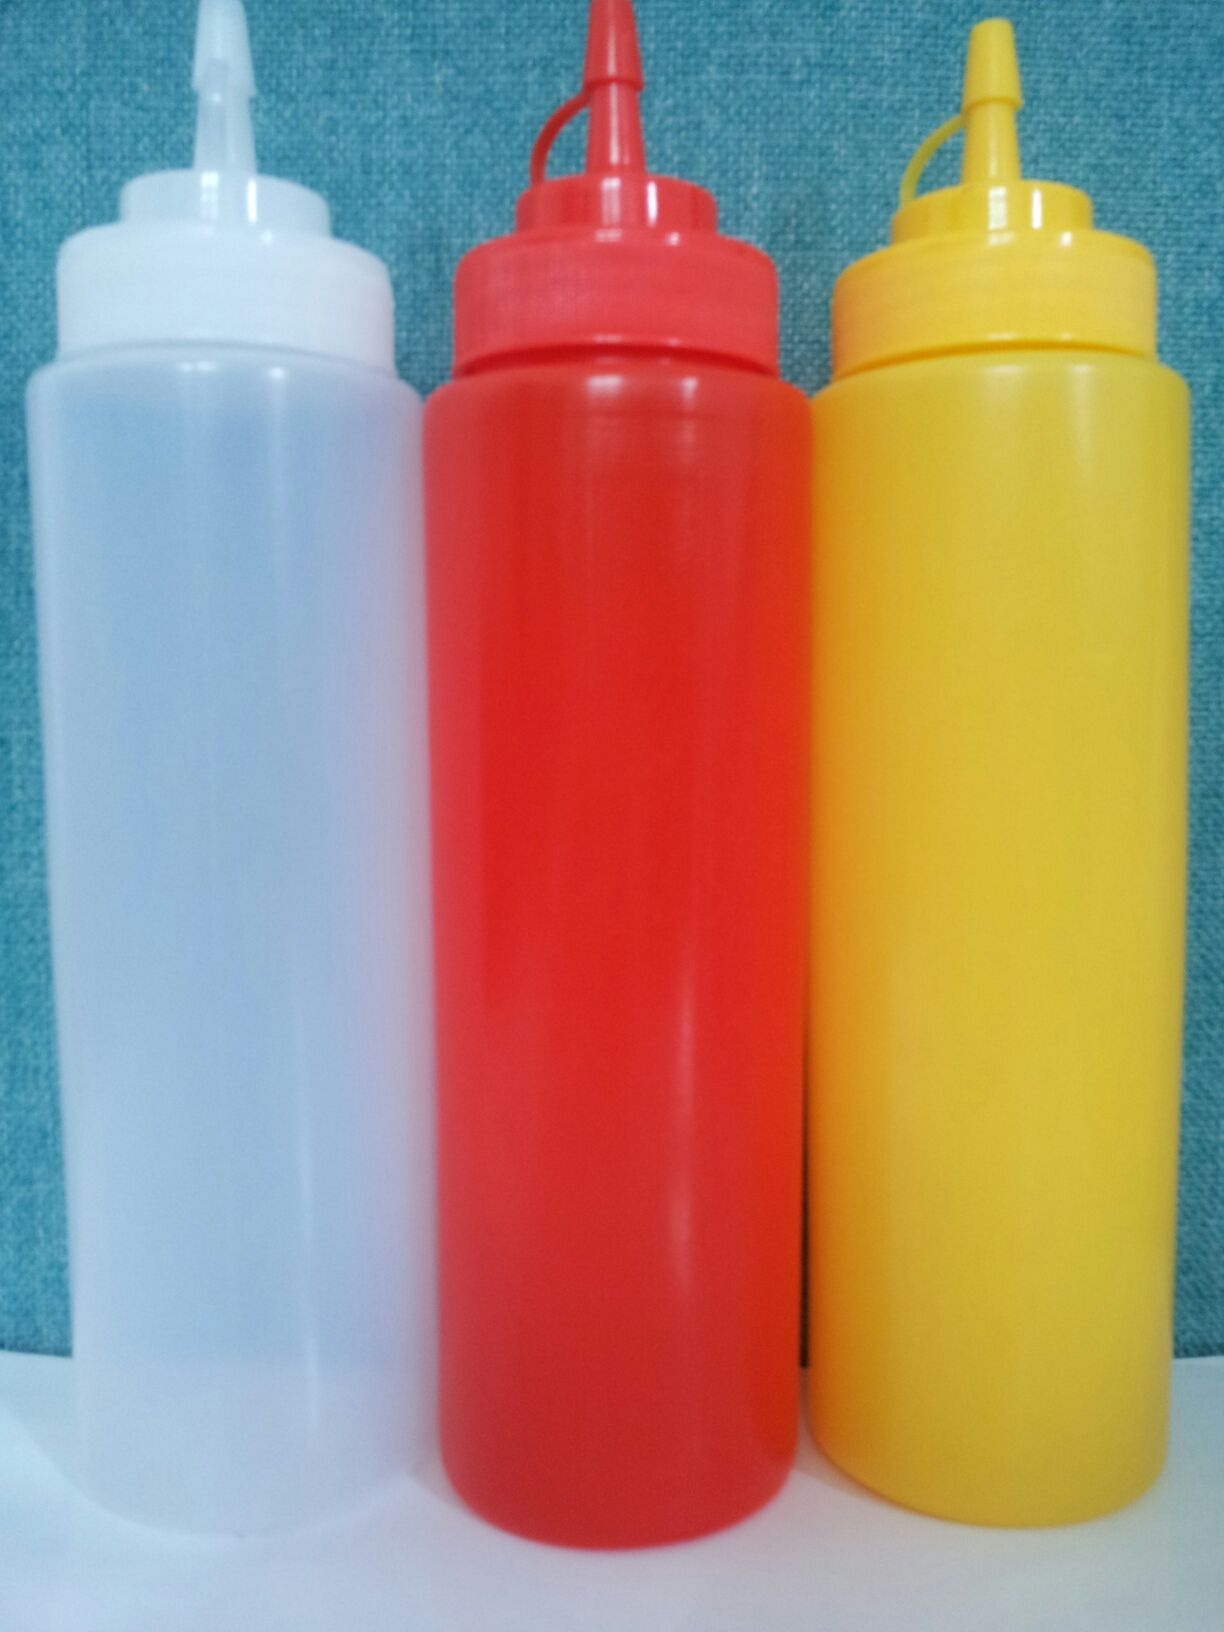 Безопасность неядовитый охрана окружающей среды сжатие соус бутылка салат бутылка вкус бутылка джем морская игла сцепление пирог помидор соус